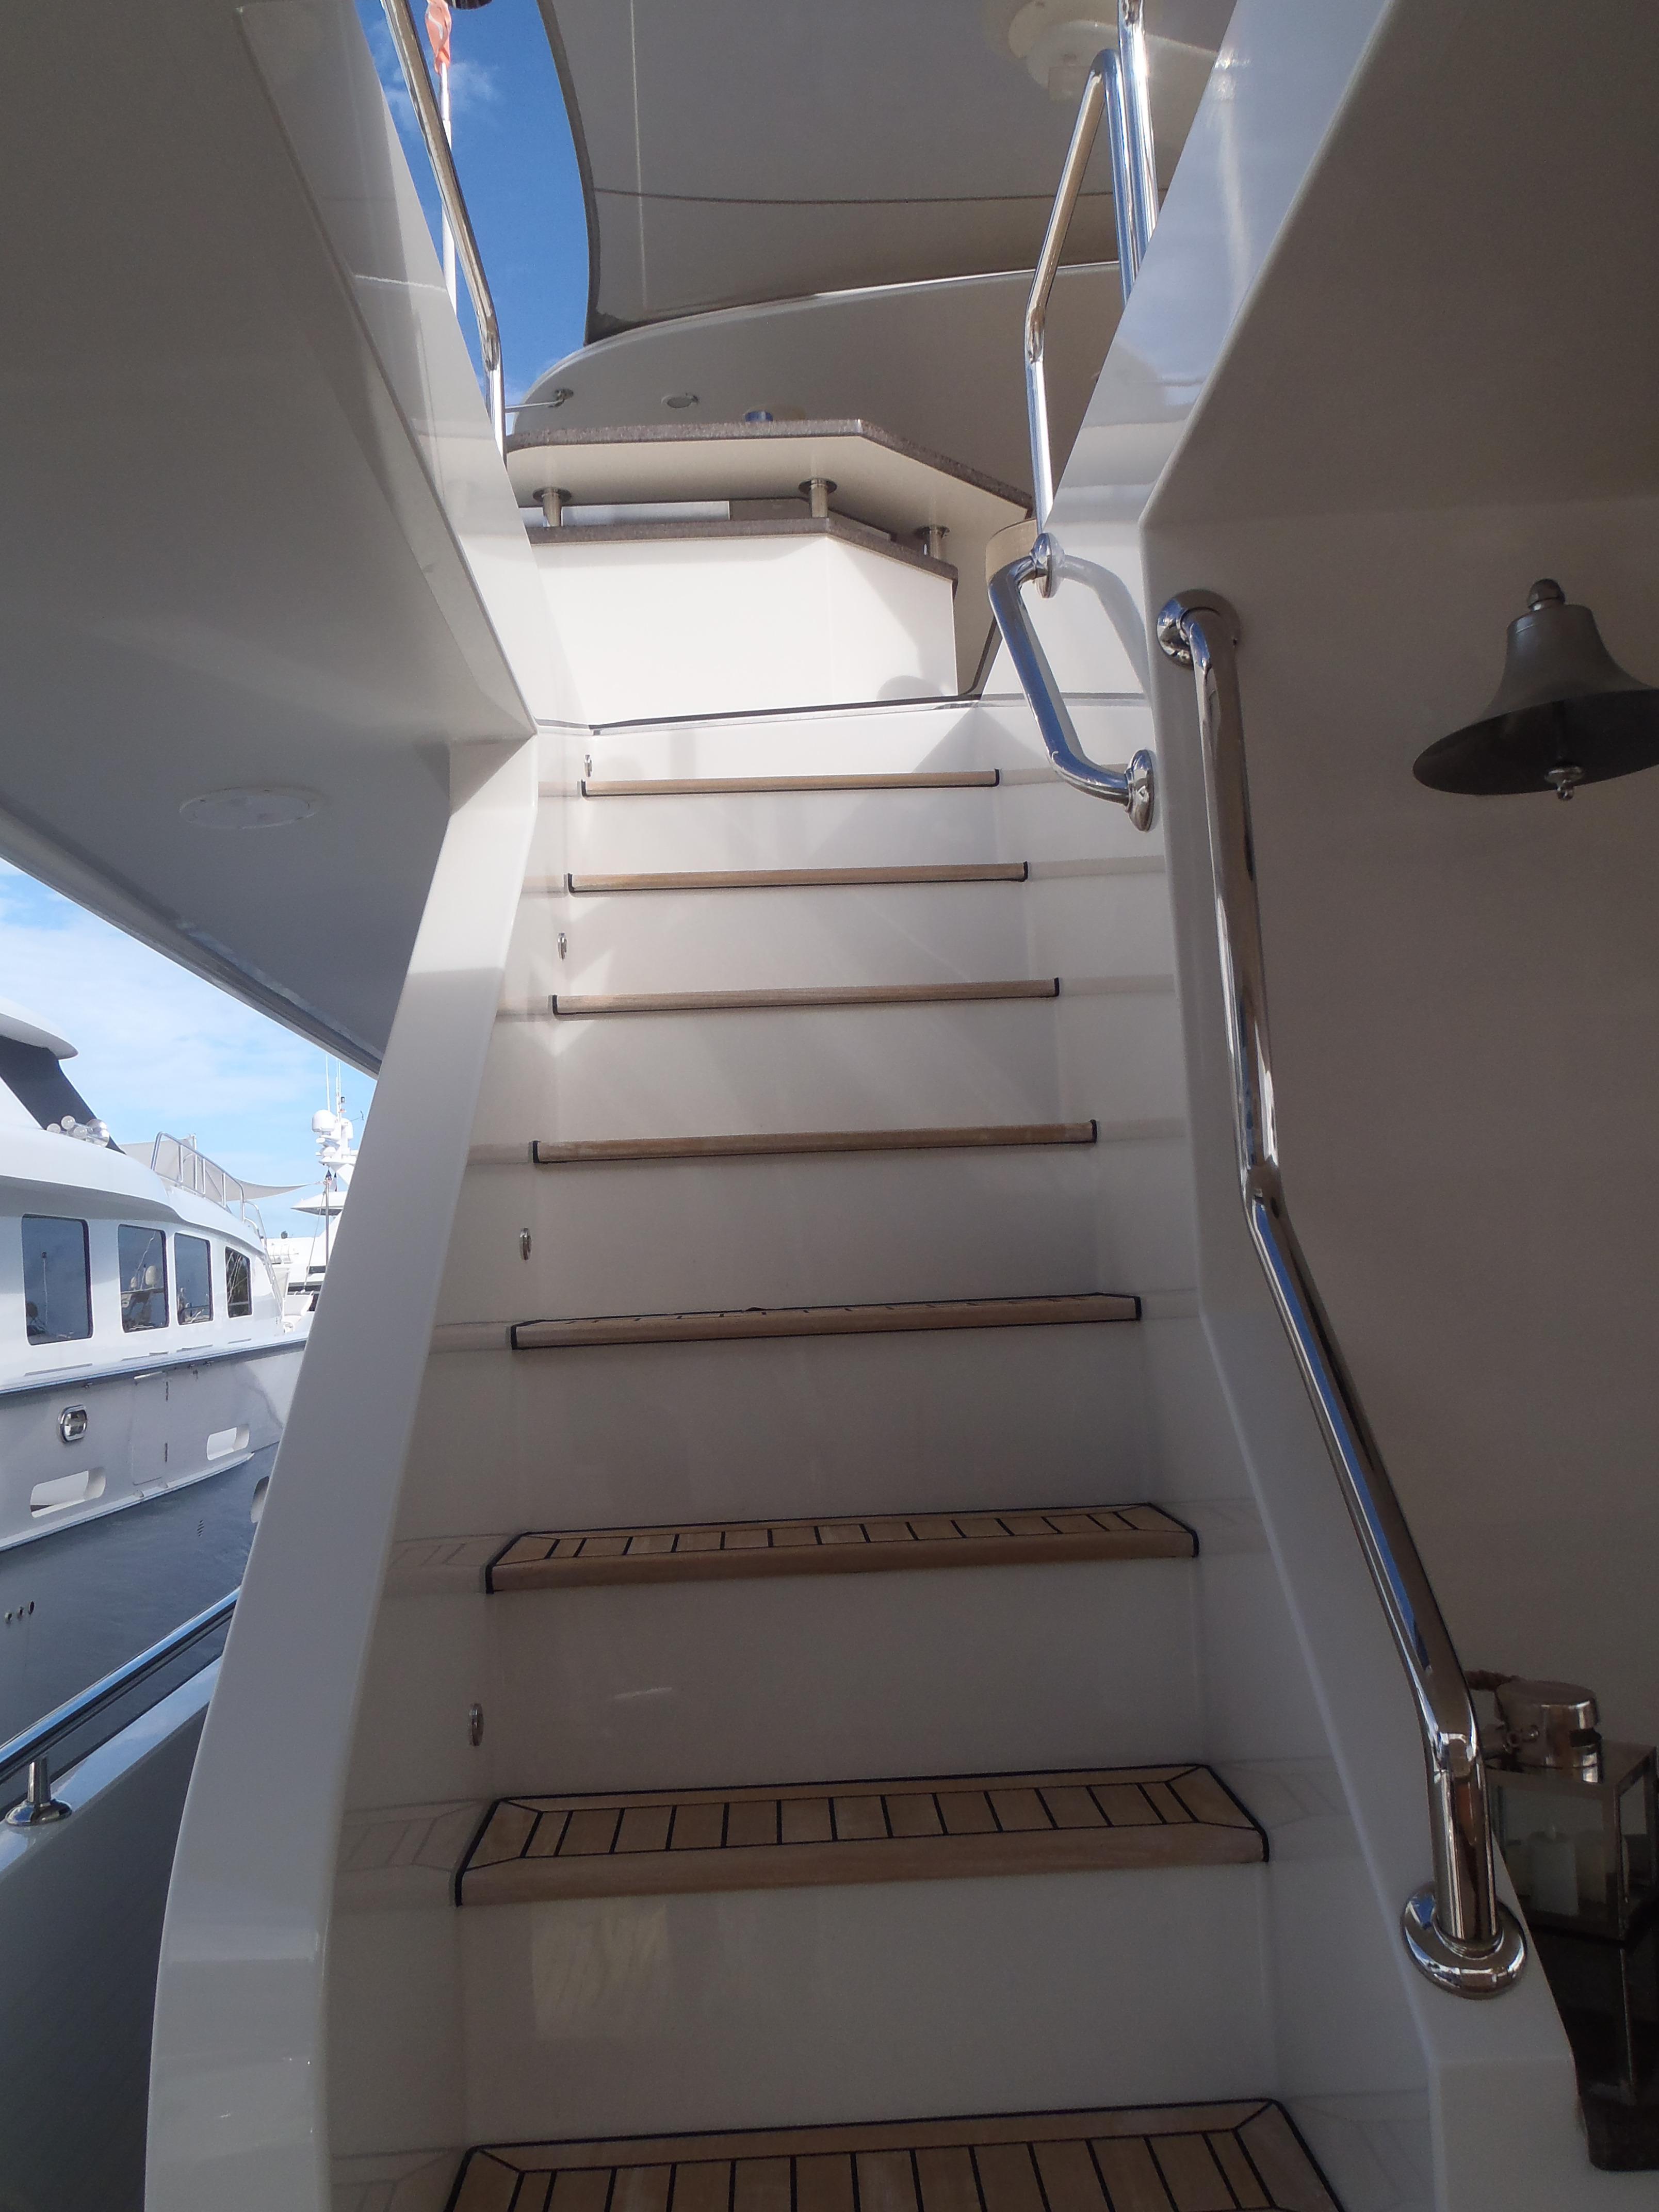 Aft Deck Passageway